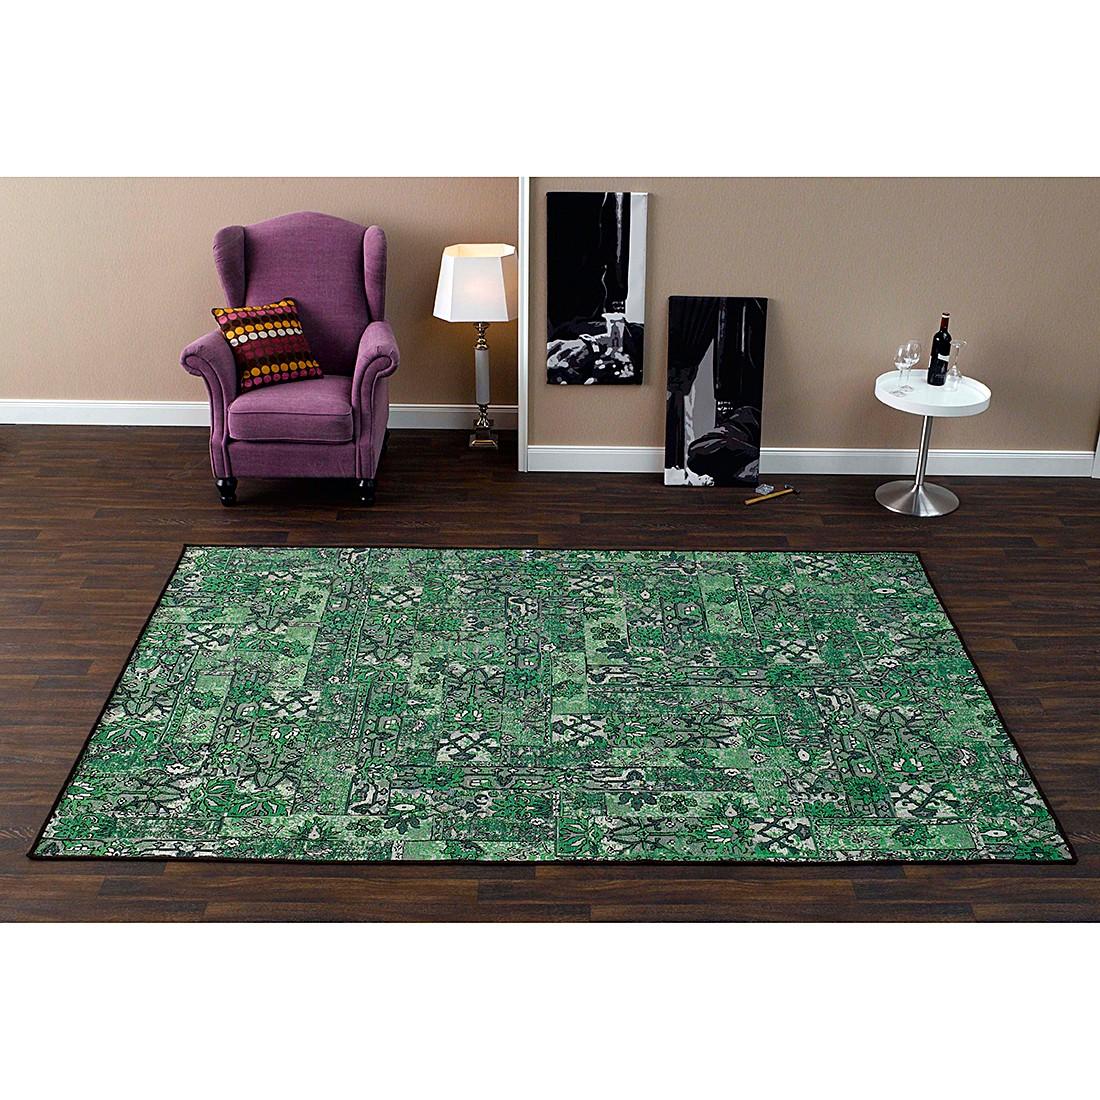 Teppich Floral – Grün – 200 x 300 cm, Schöngeist & Petersen kaufen